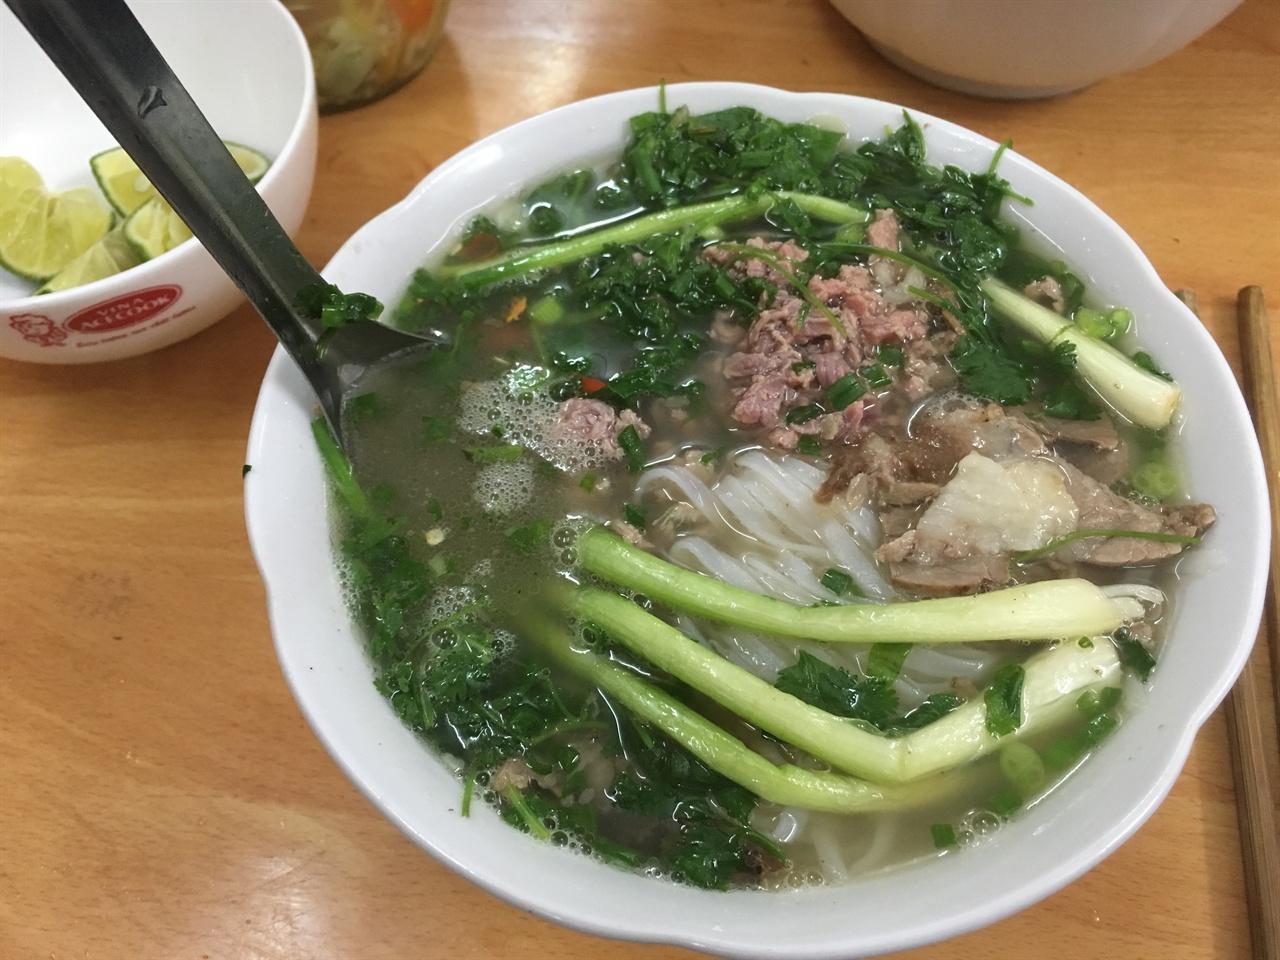 쌀국수  현지인들이 가는 로컬식당에서 맛본 쌀국수, 진한 고수향 때문에 힘들었지만 국물맛은 일품이었다